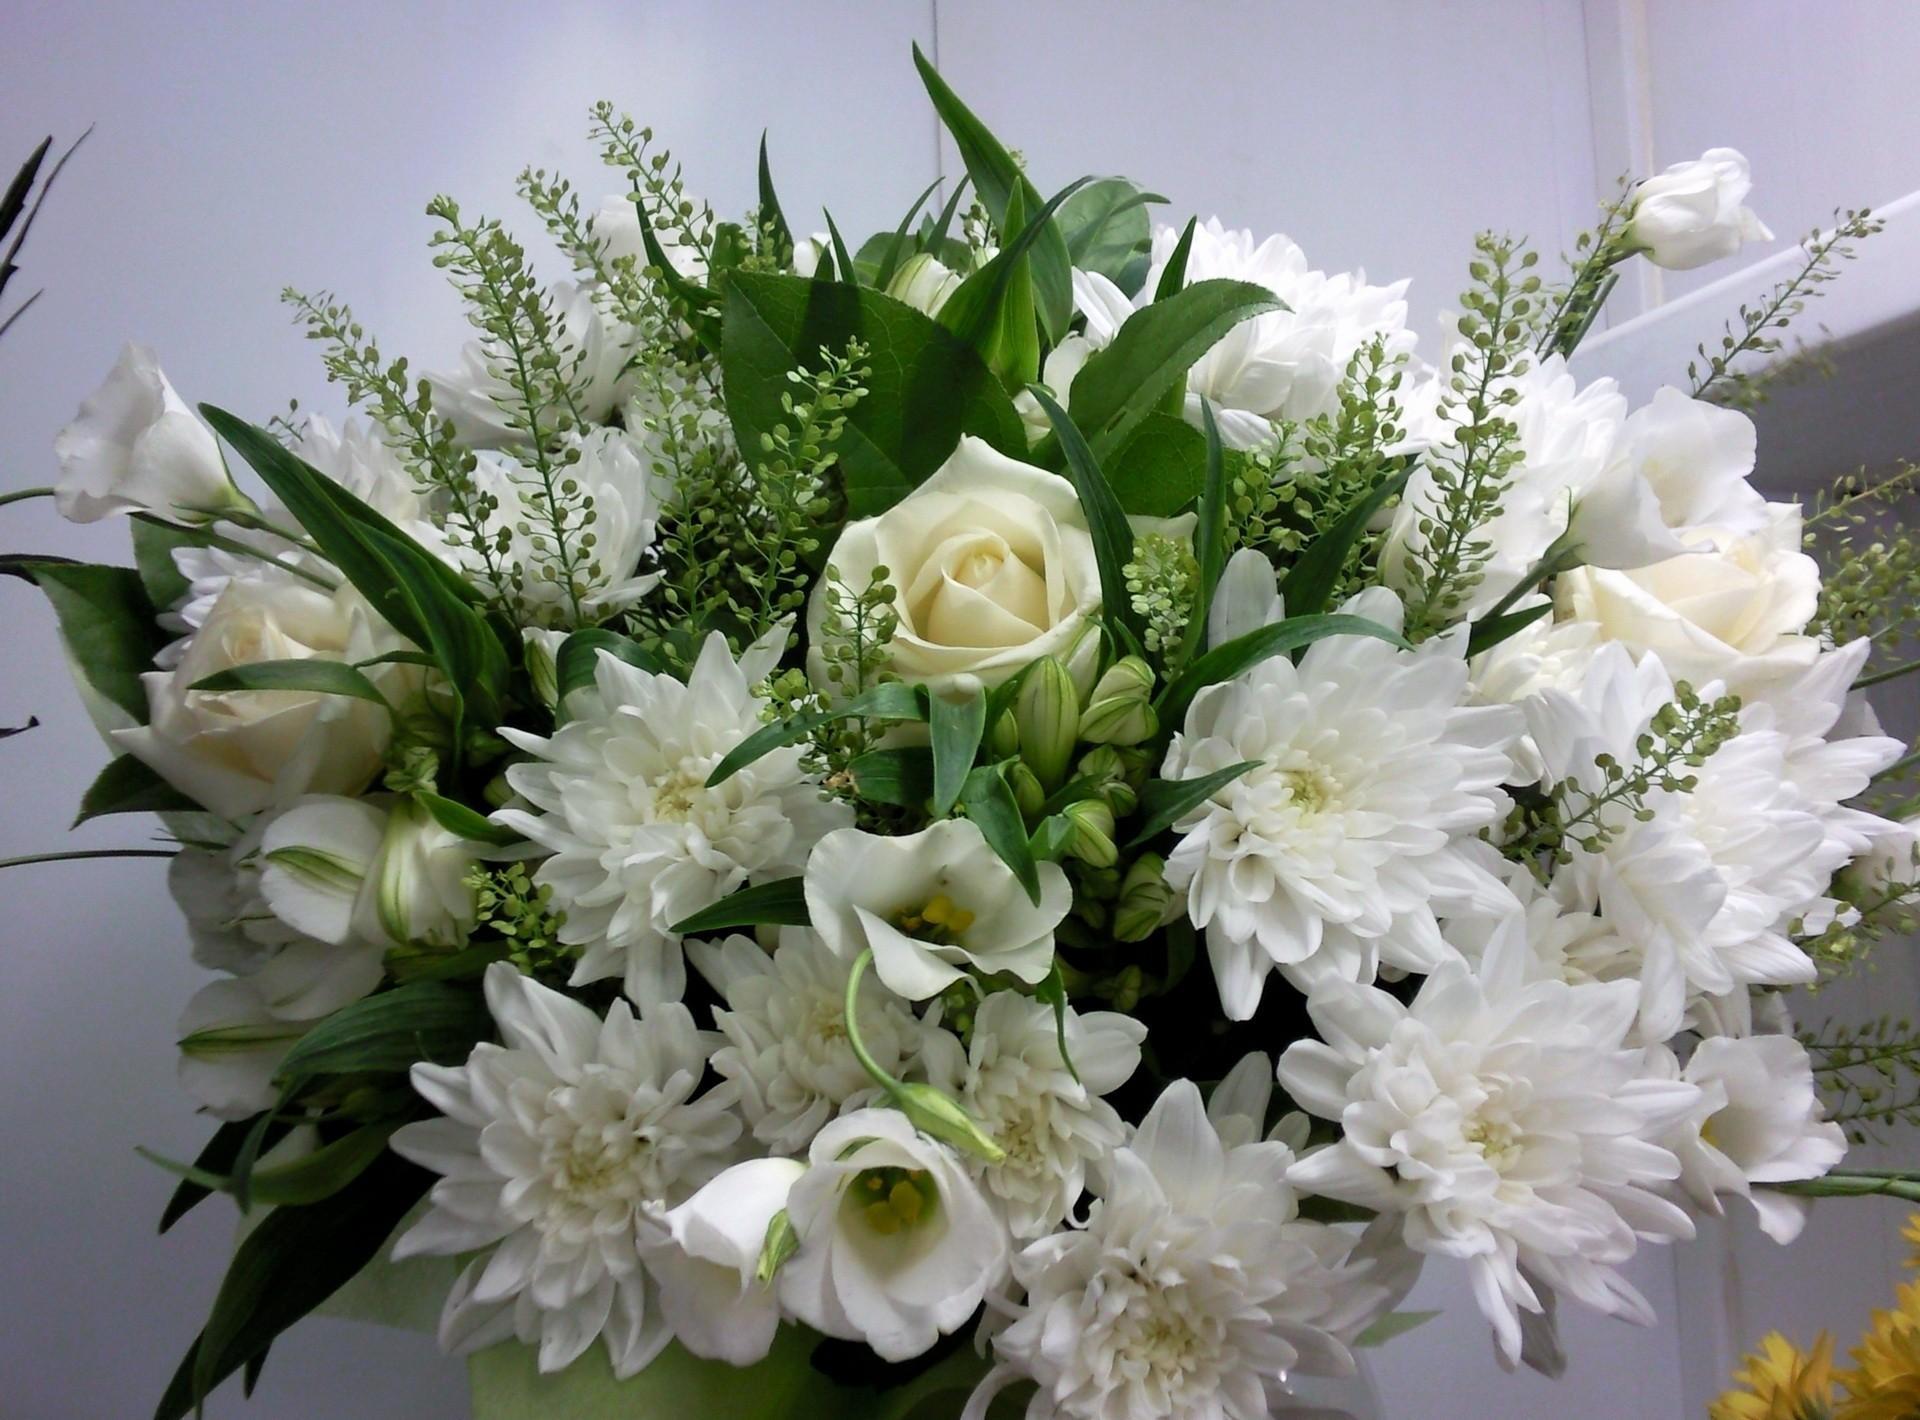 124467 скачать обои Хризантемы, Белоснежные, Цветы, Розы, Букет - заставки и картинки бесплатно